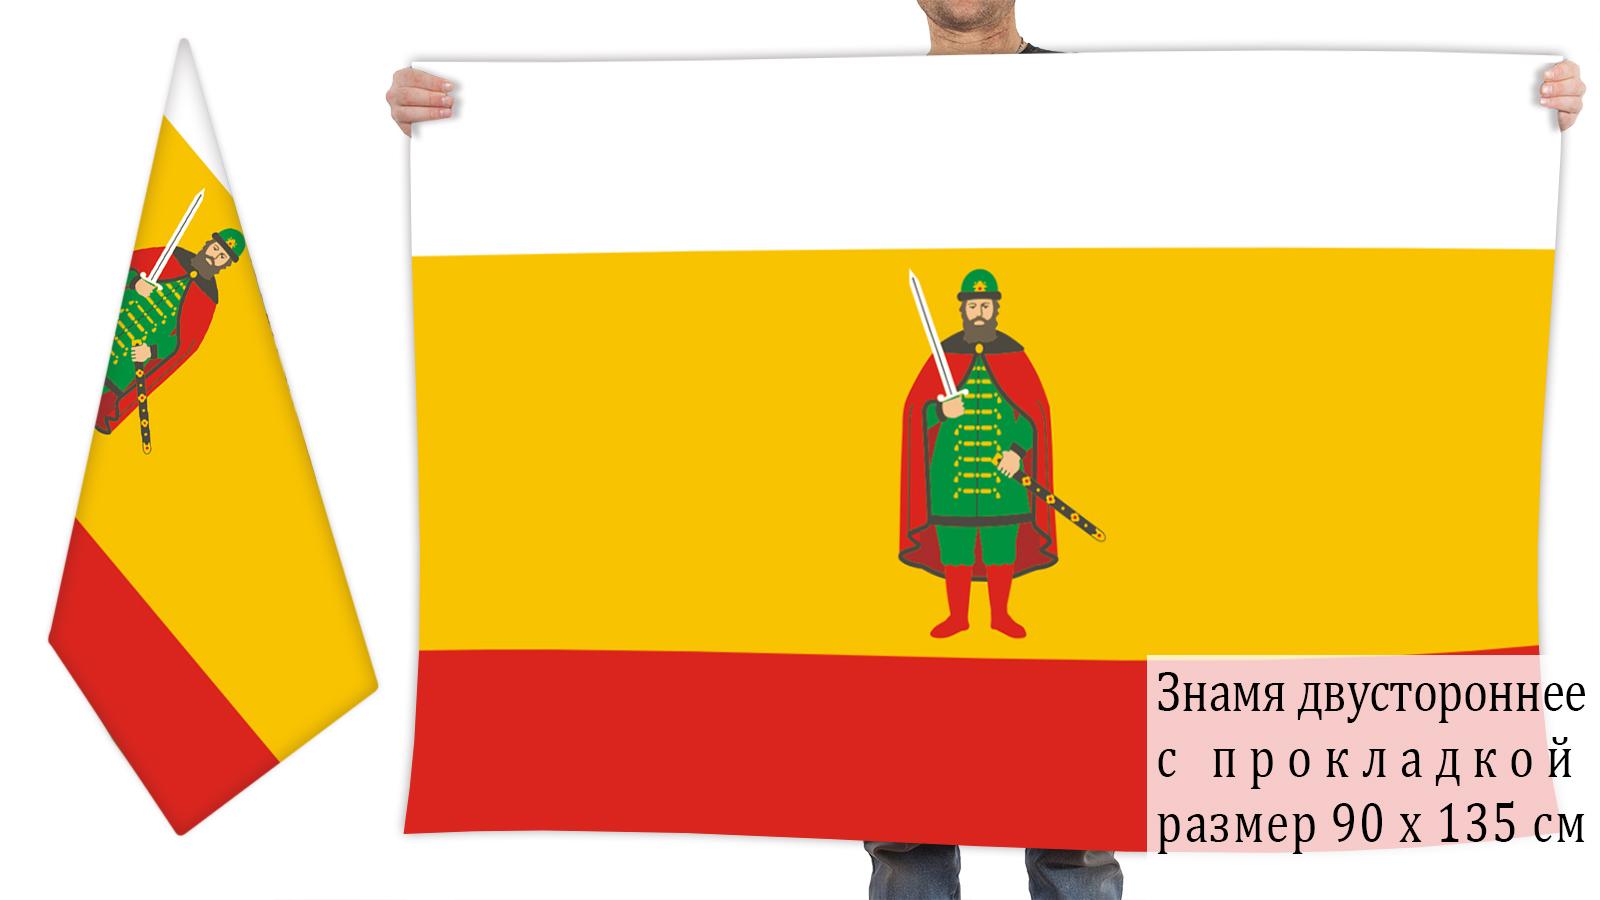 Двусторонний флаг Рязанской области